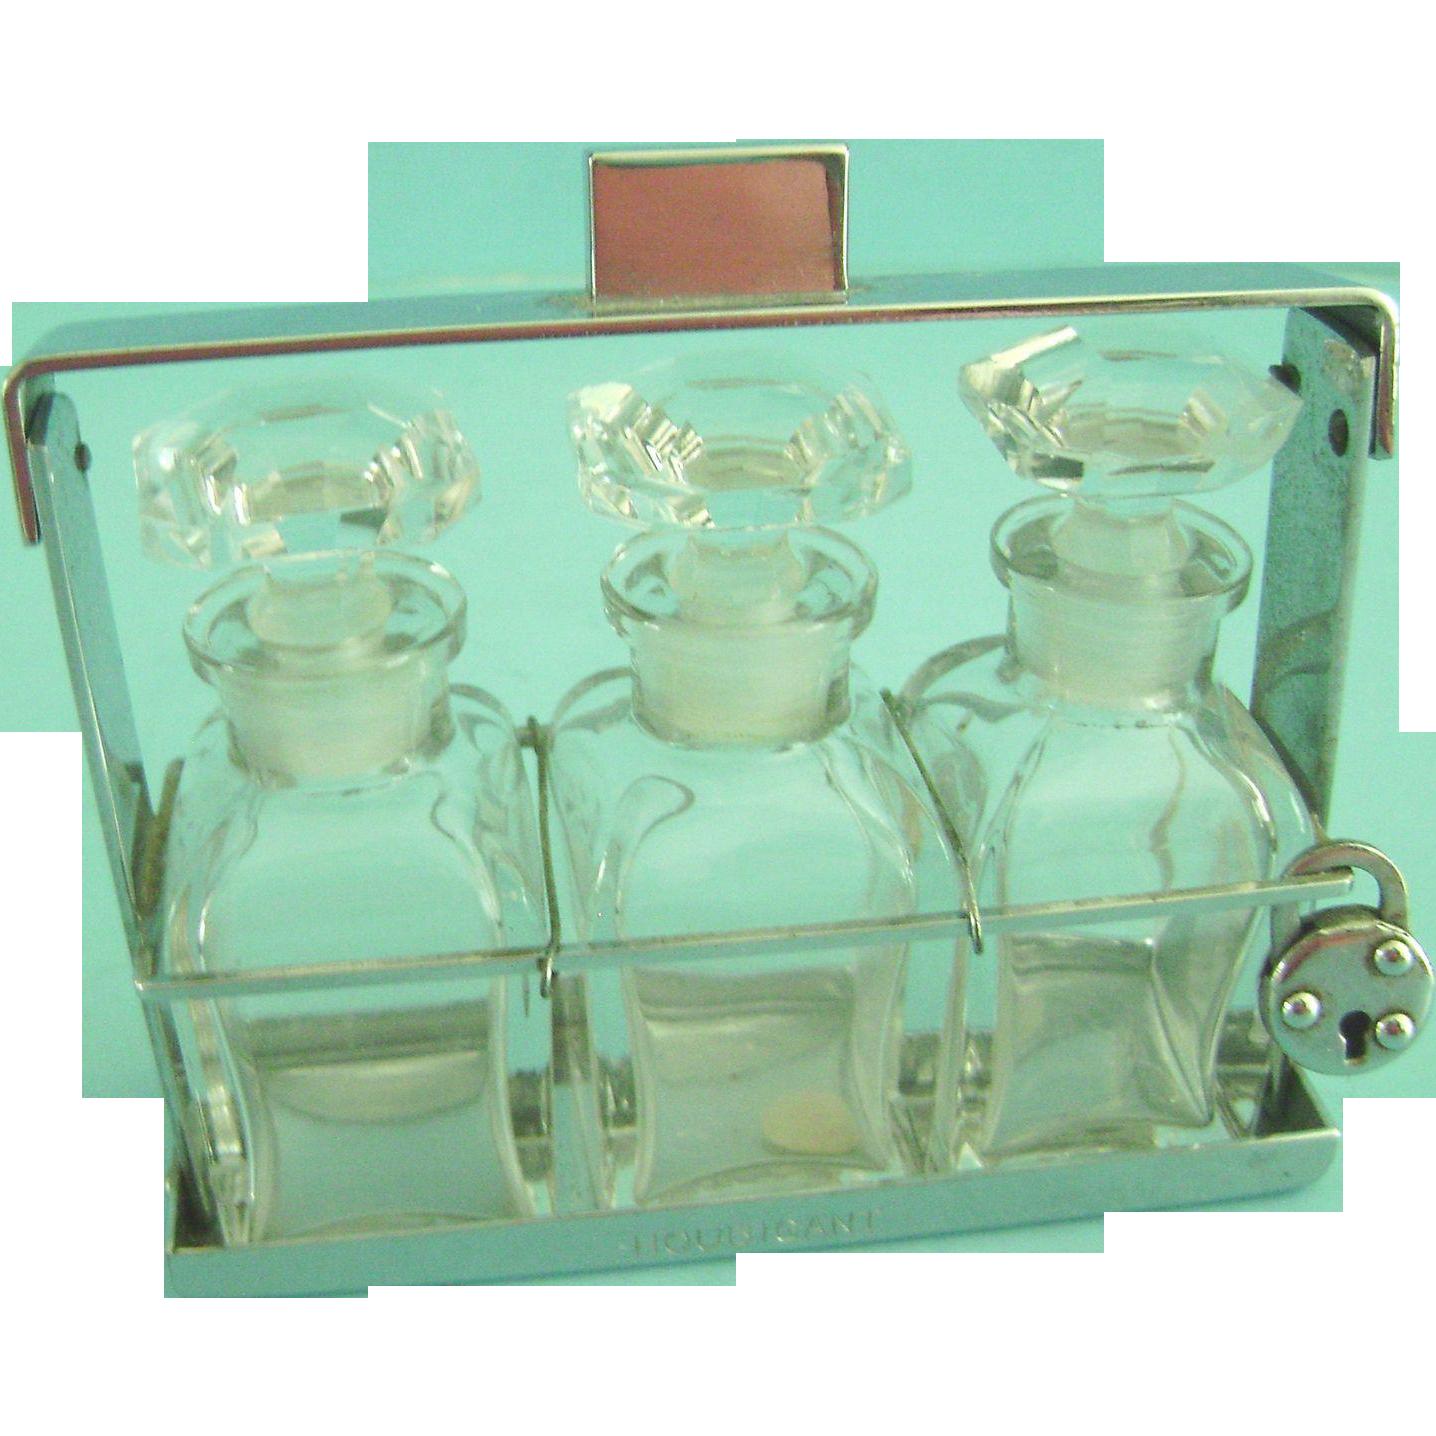 Vintage Antique Houbigant France Crystal Glass Perfume Bottle Set Art Deco